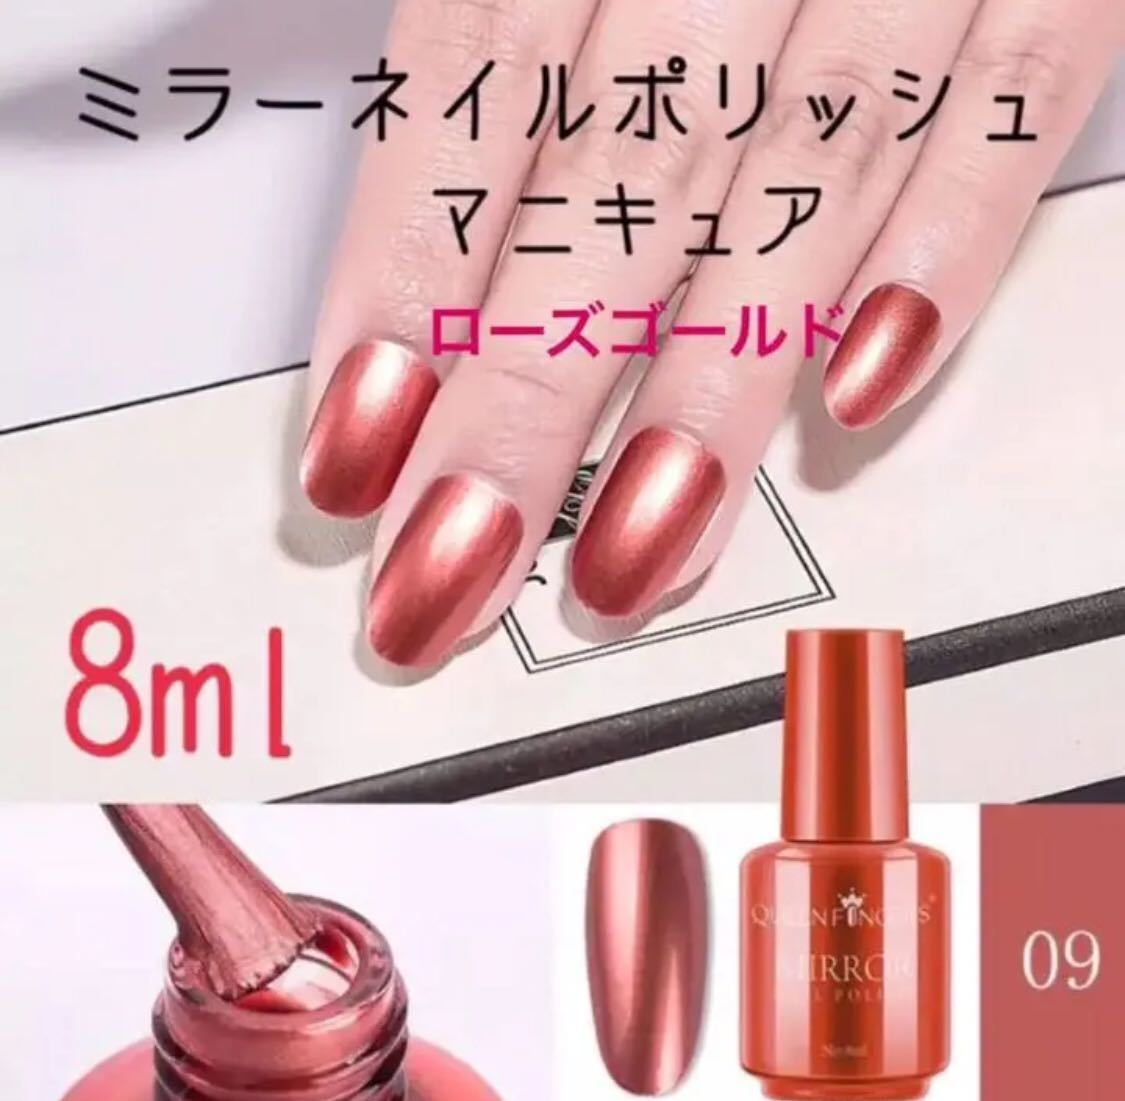 Queen fingersミラーネイルポリッシュ マニキュア#09ローズゴールド